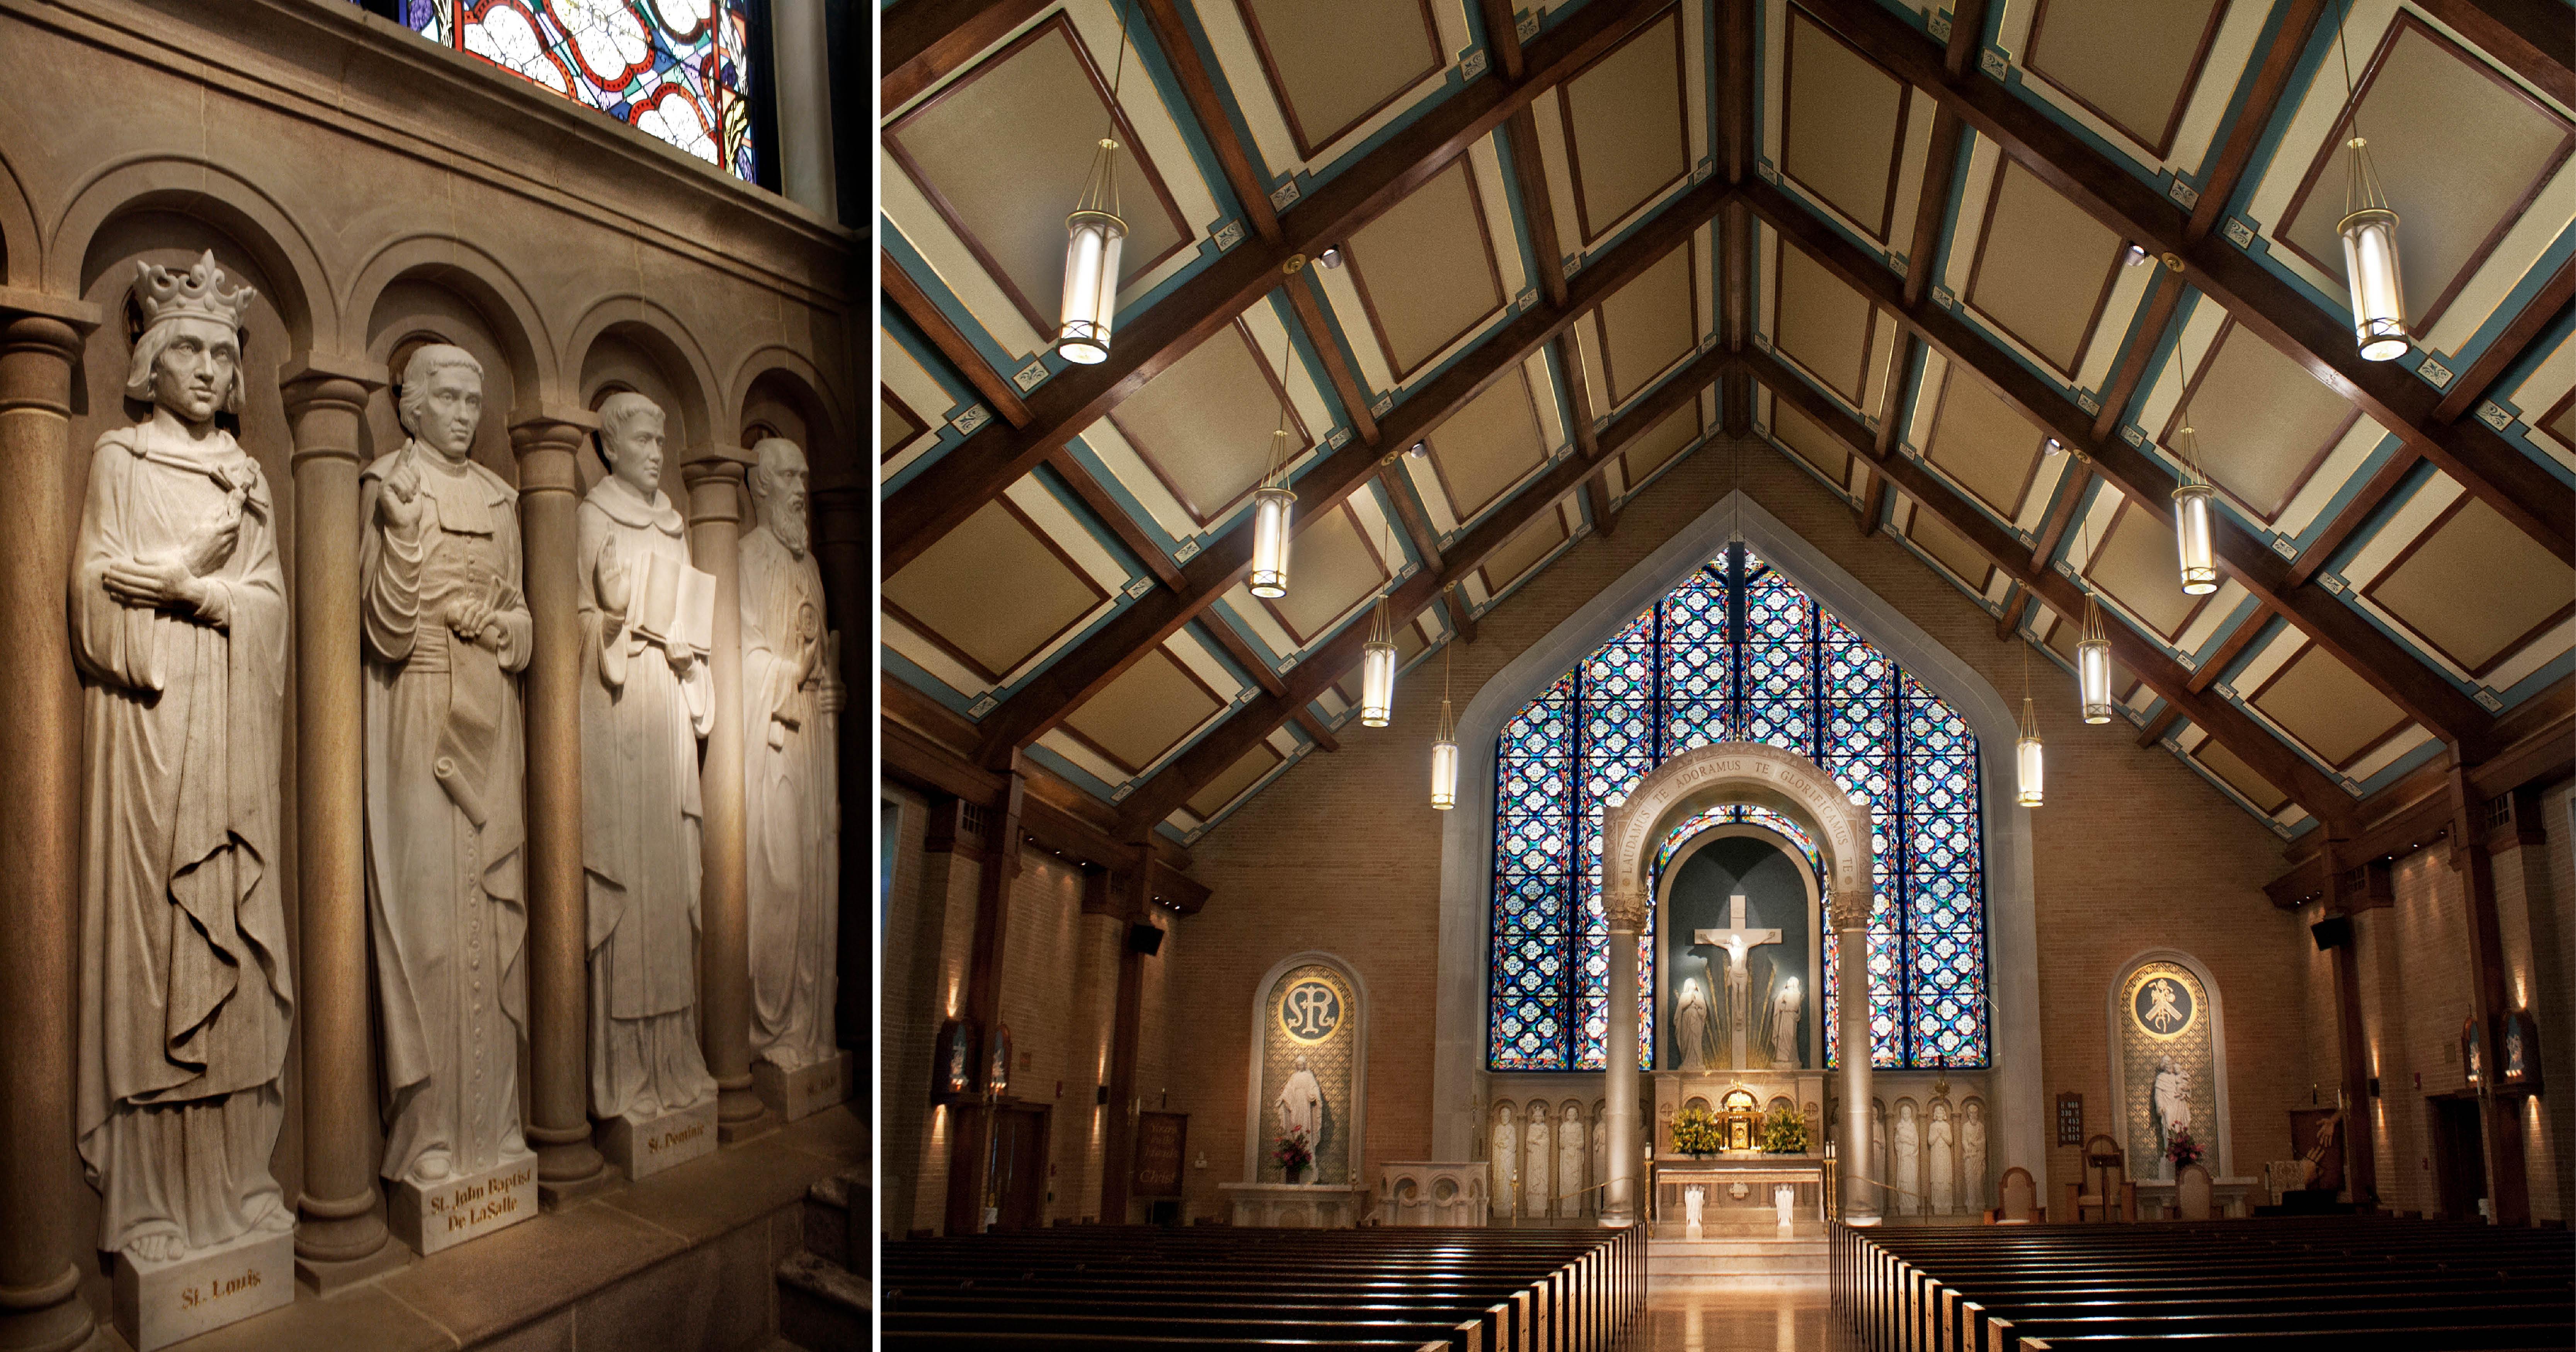 St. Louis Catholic Church , Memphis, TN